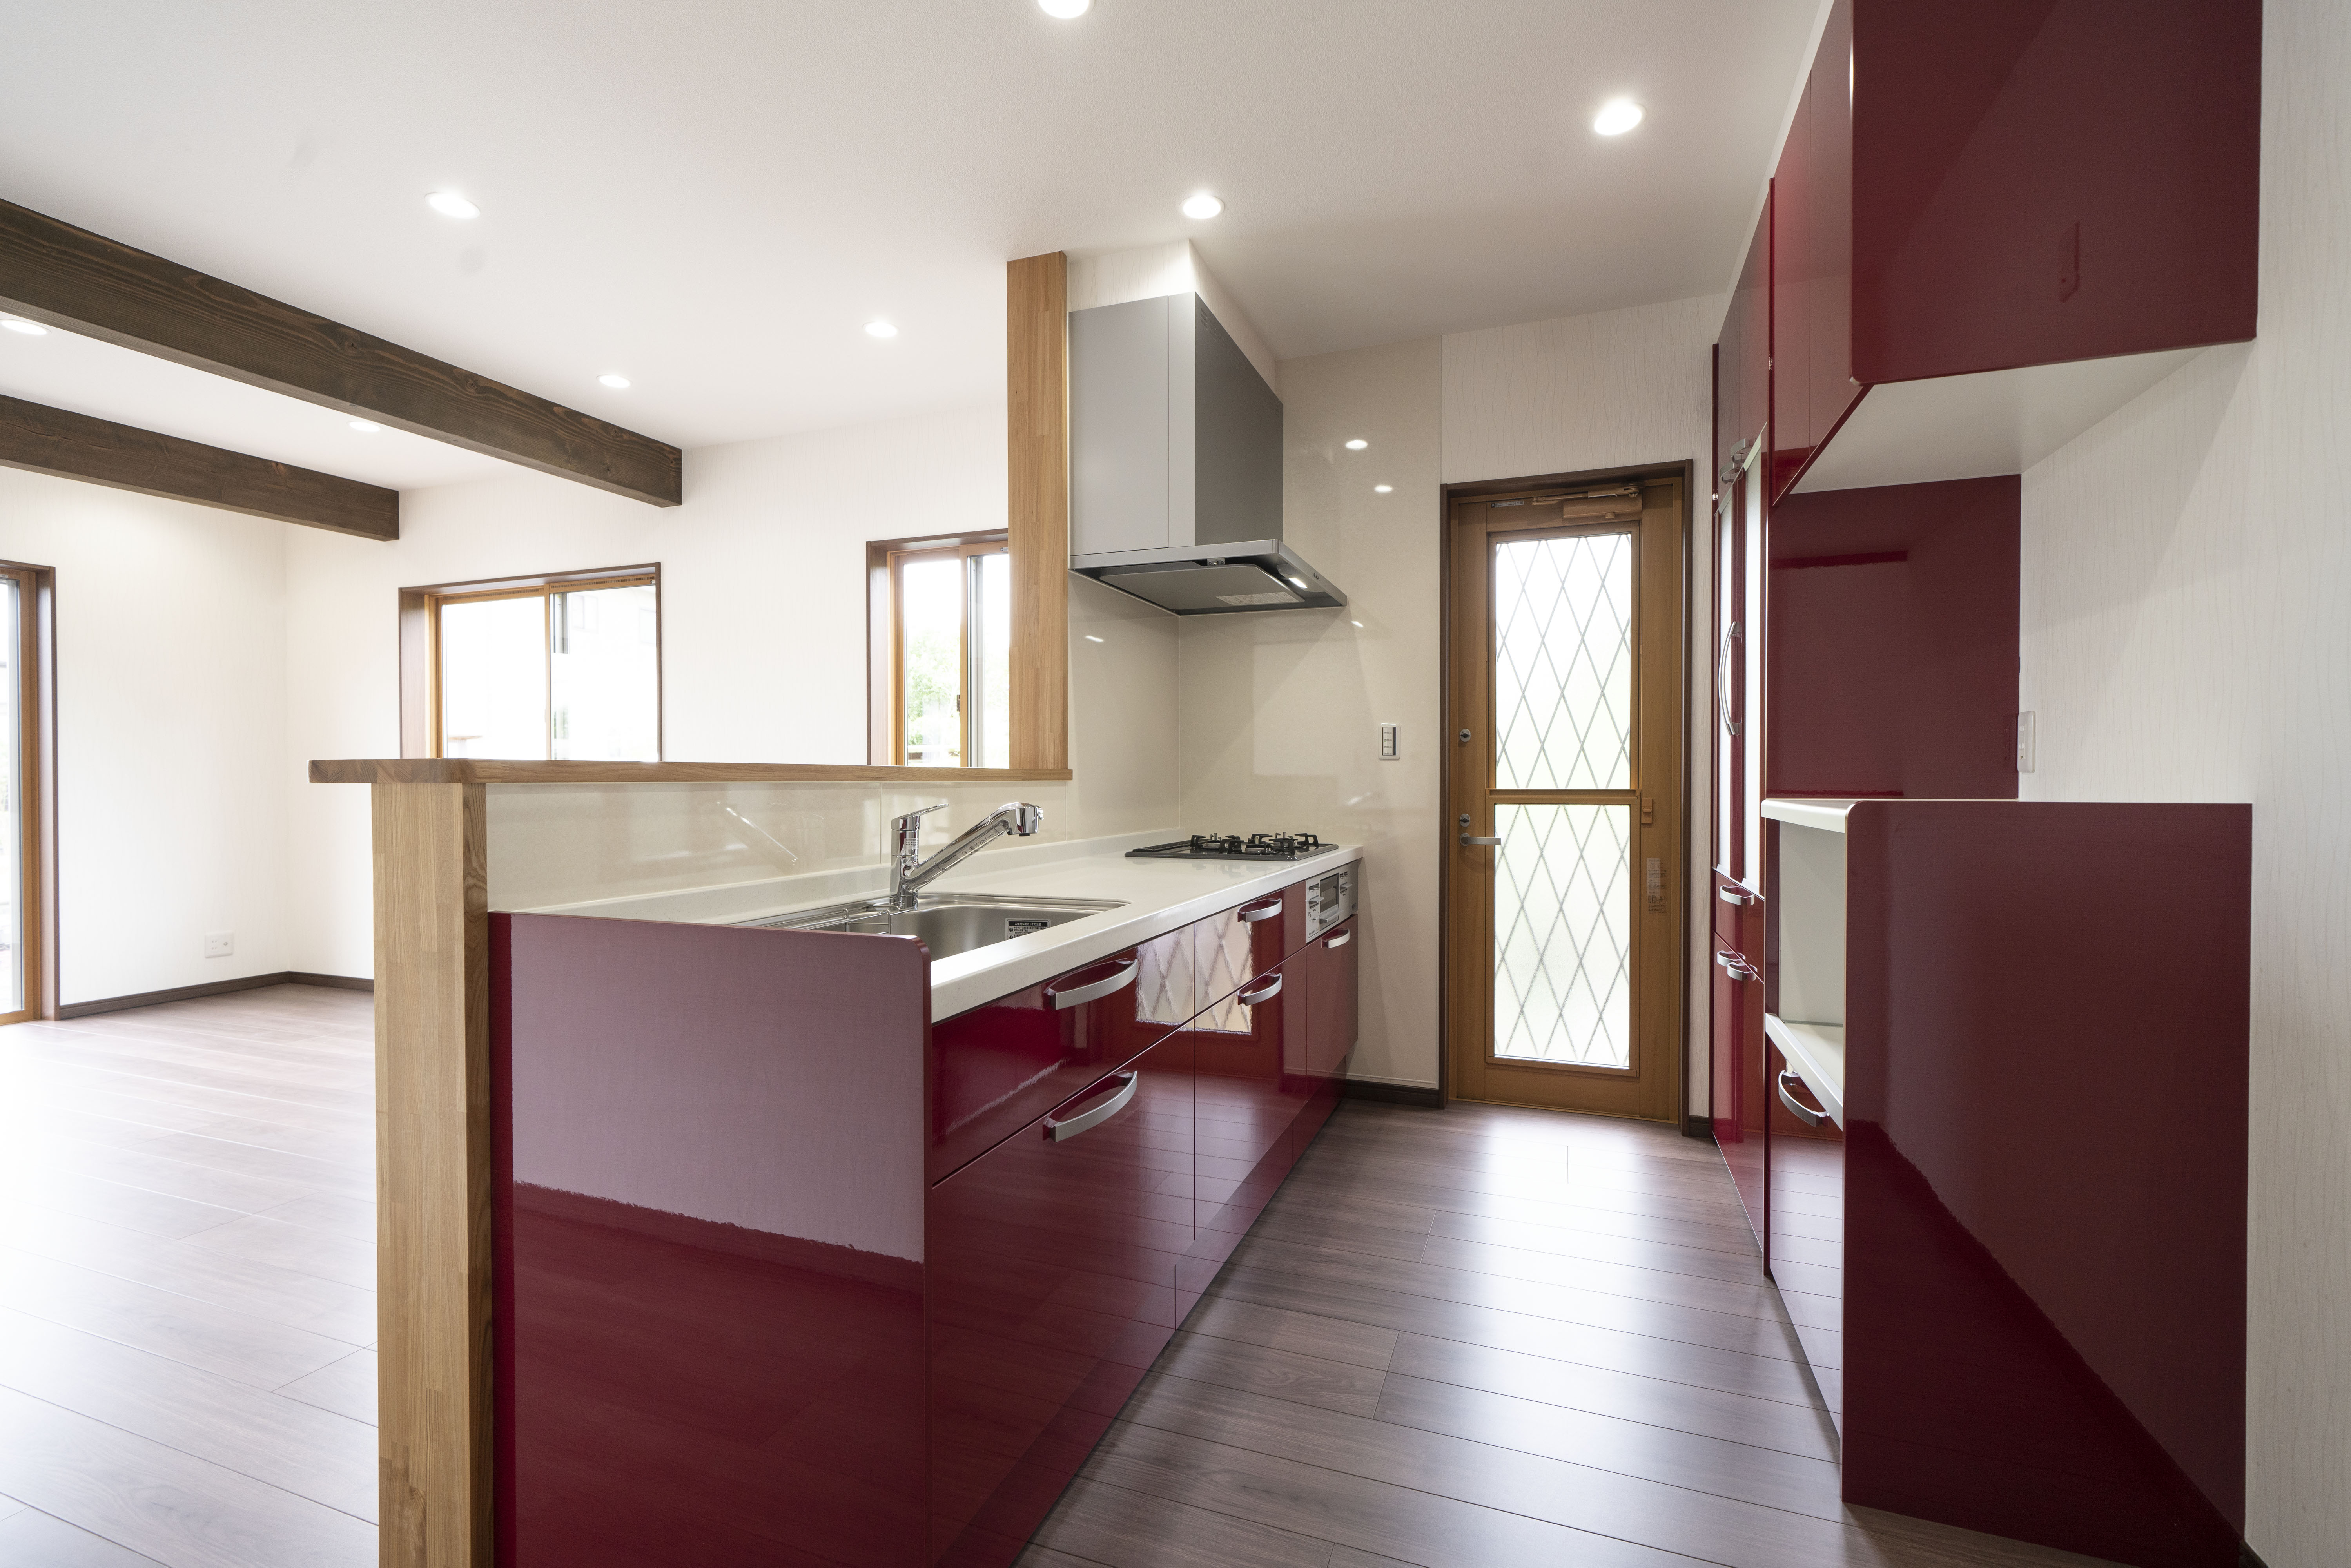 ハーフオープンの対面キッチン